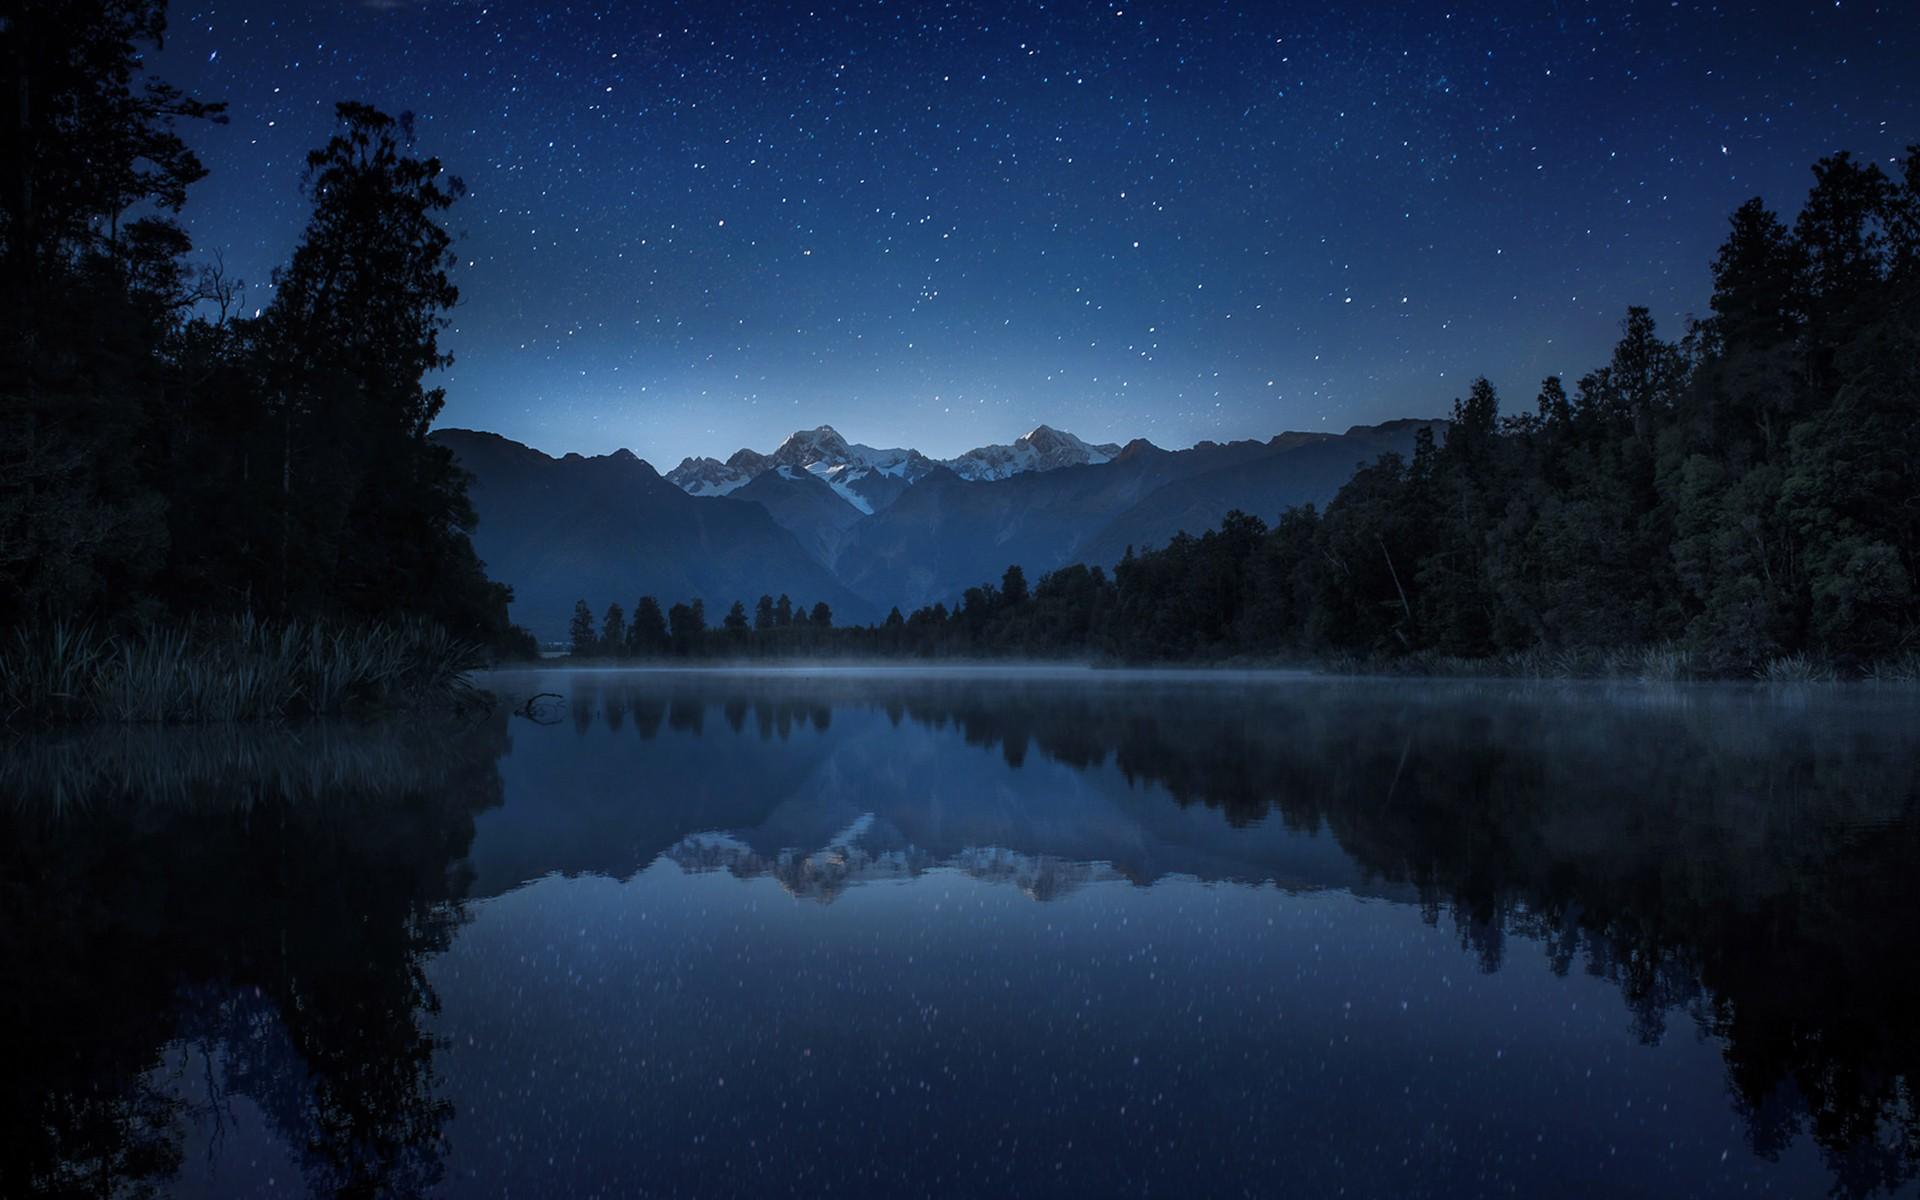 картинки лесное озеро ночью утка обыкновенная